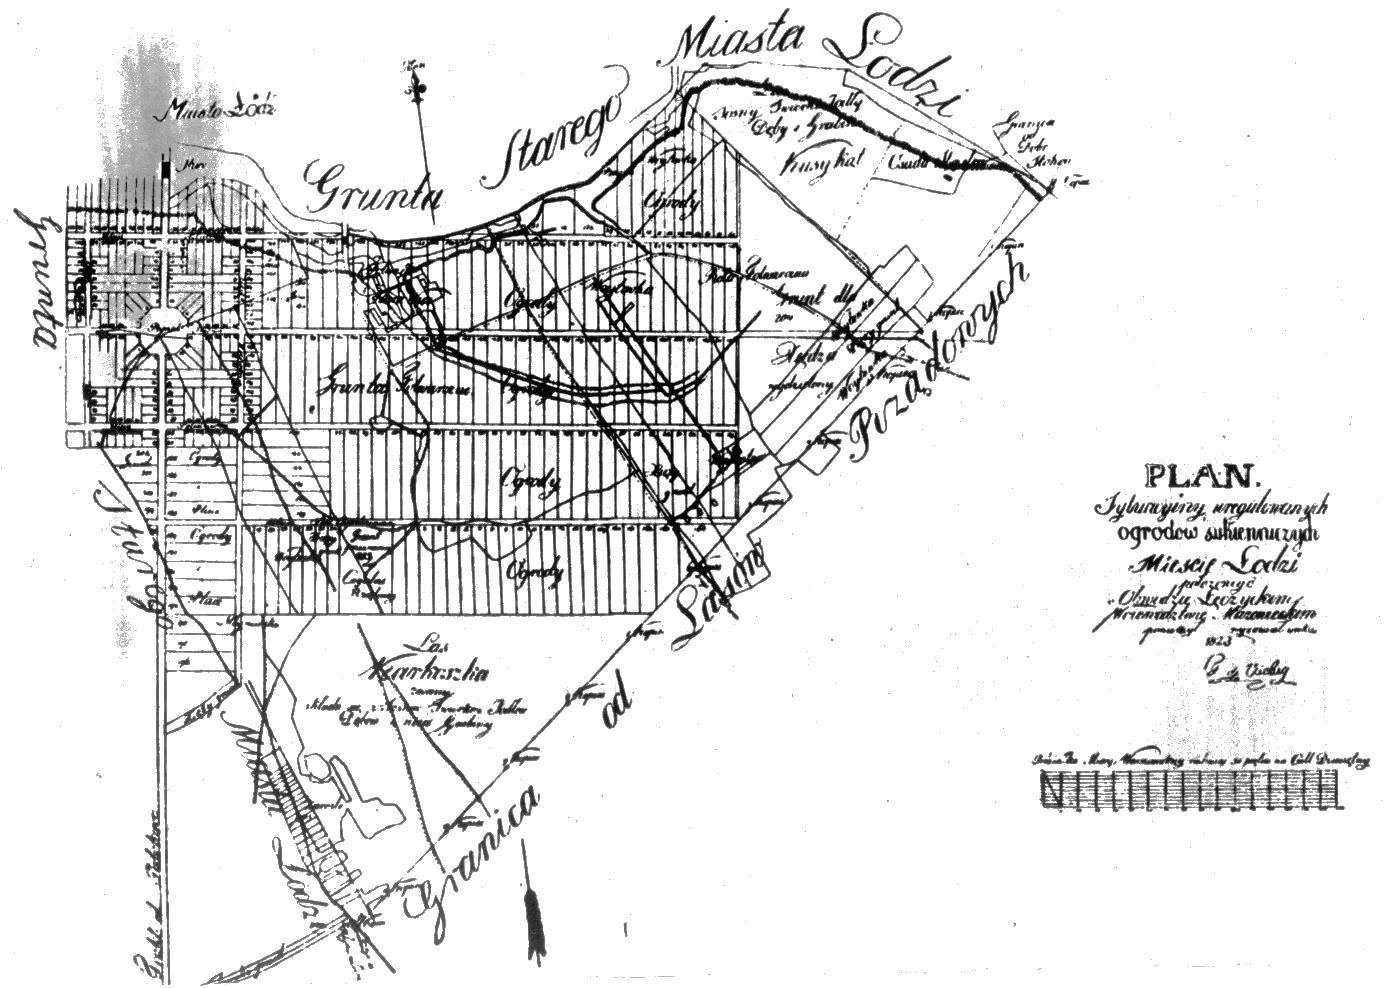 Plan_Łodzi1823.jpg (1384×988)